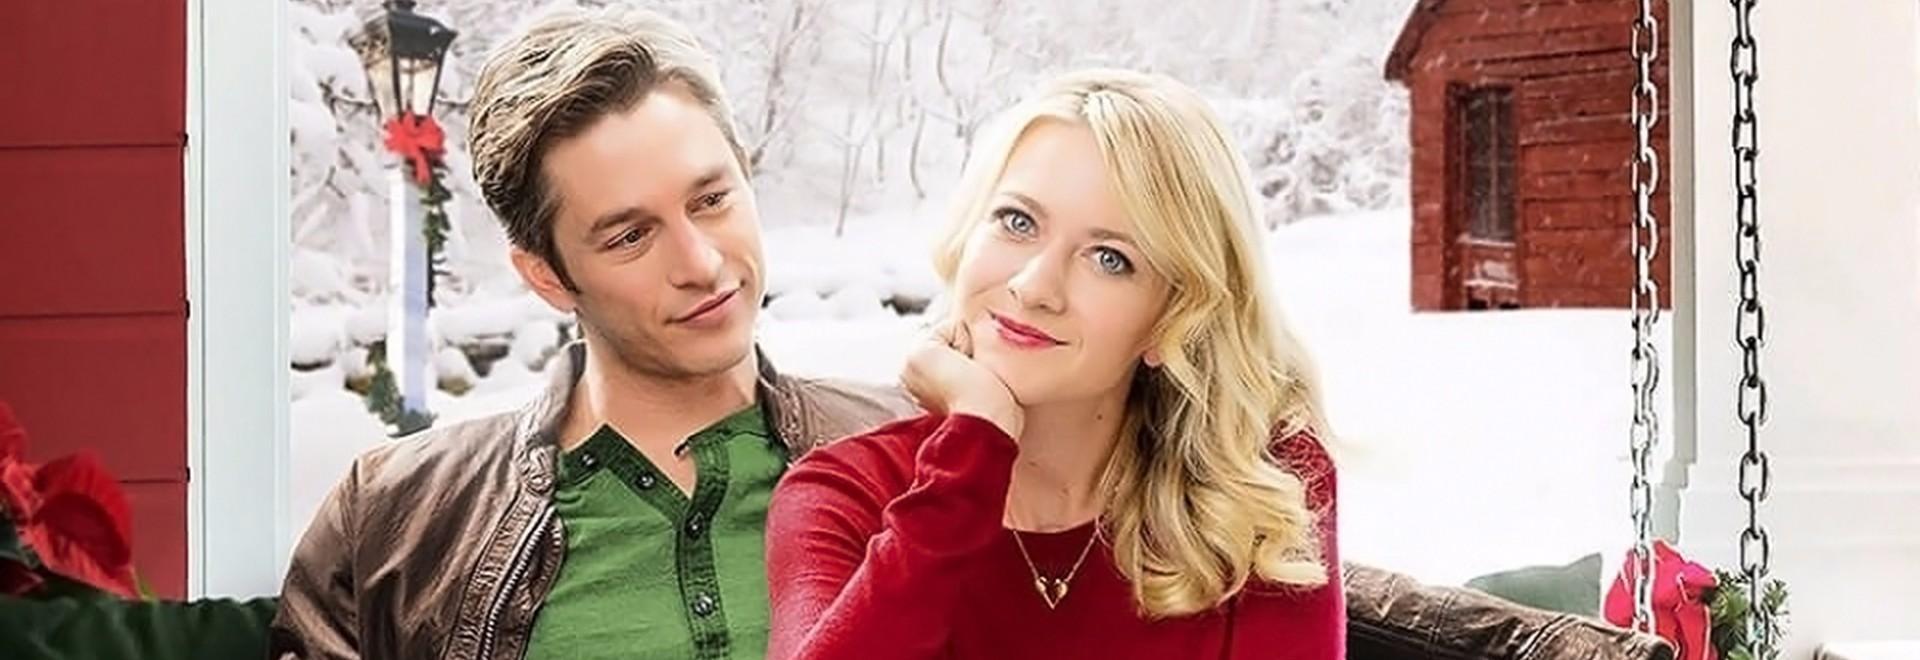 Il Natale del vero amore